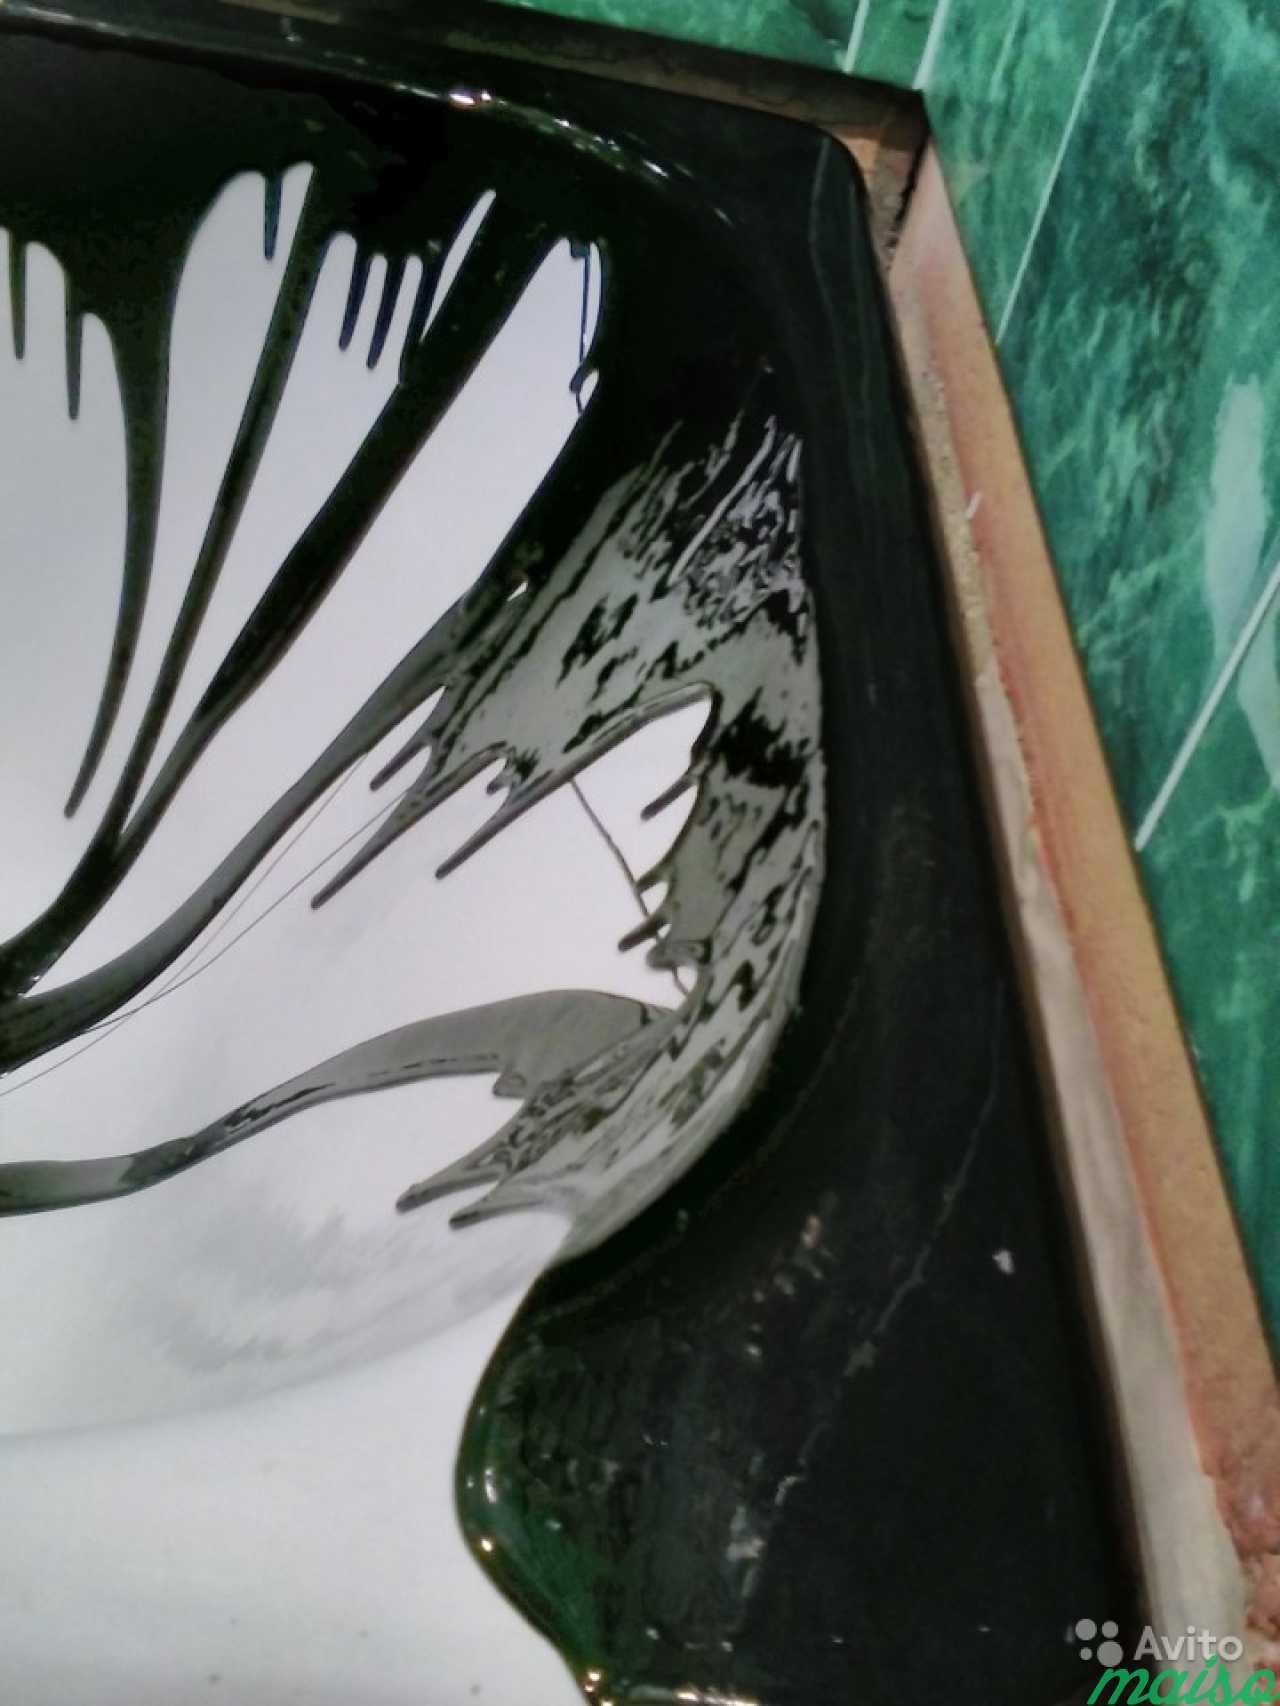 Акриловый вкладыш.Жидкий акрил.Эмаль. Сантехника в Санкт-Петербурге. Фото 2